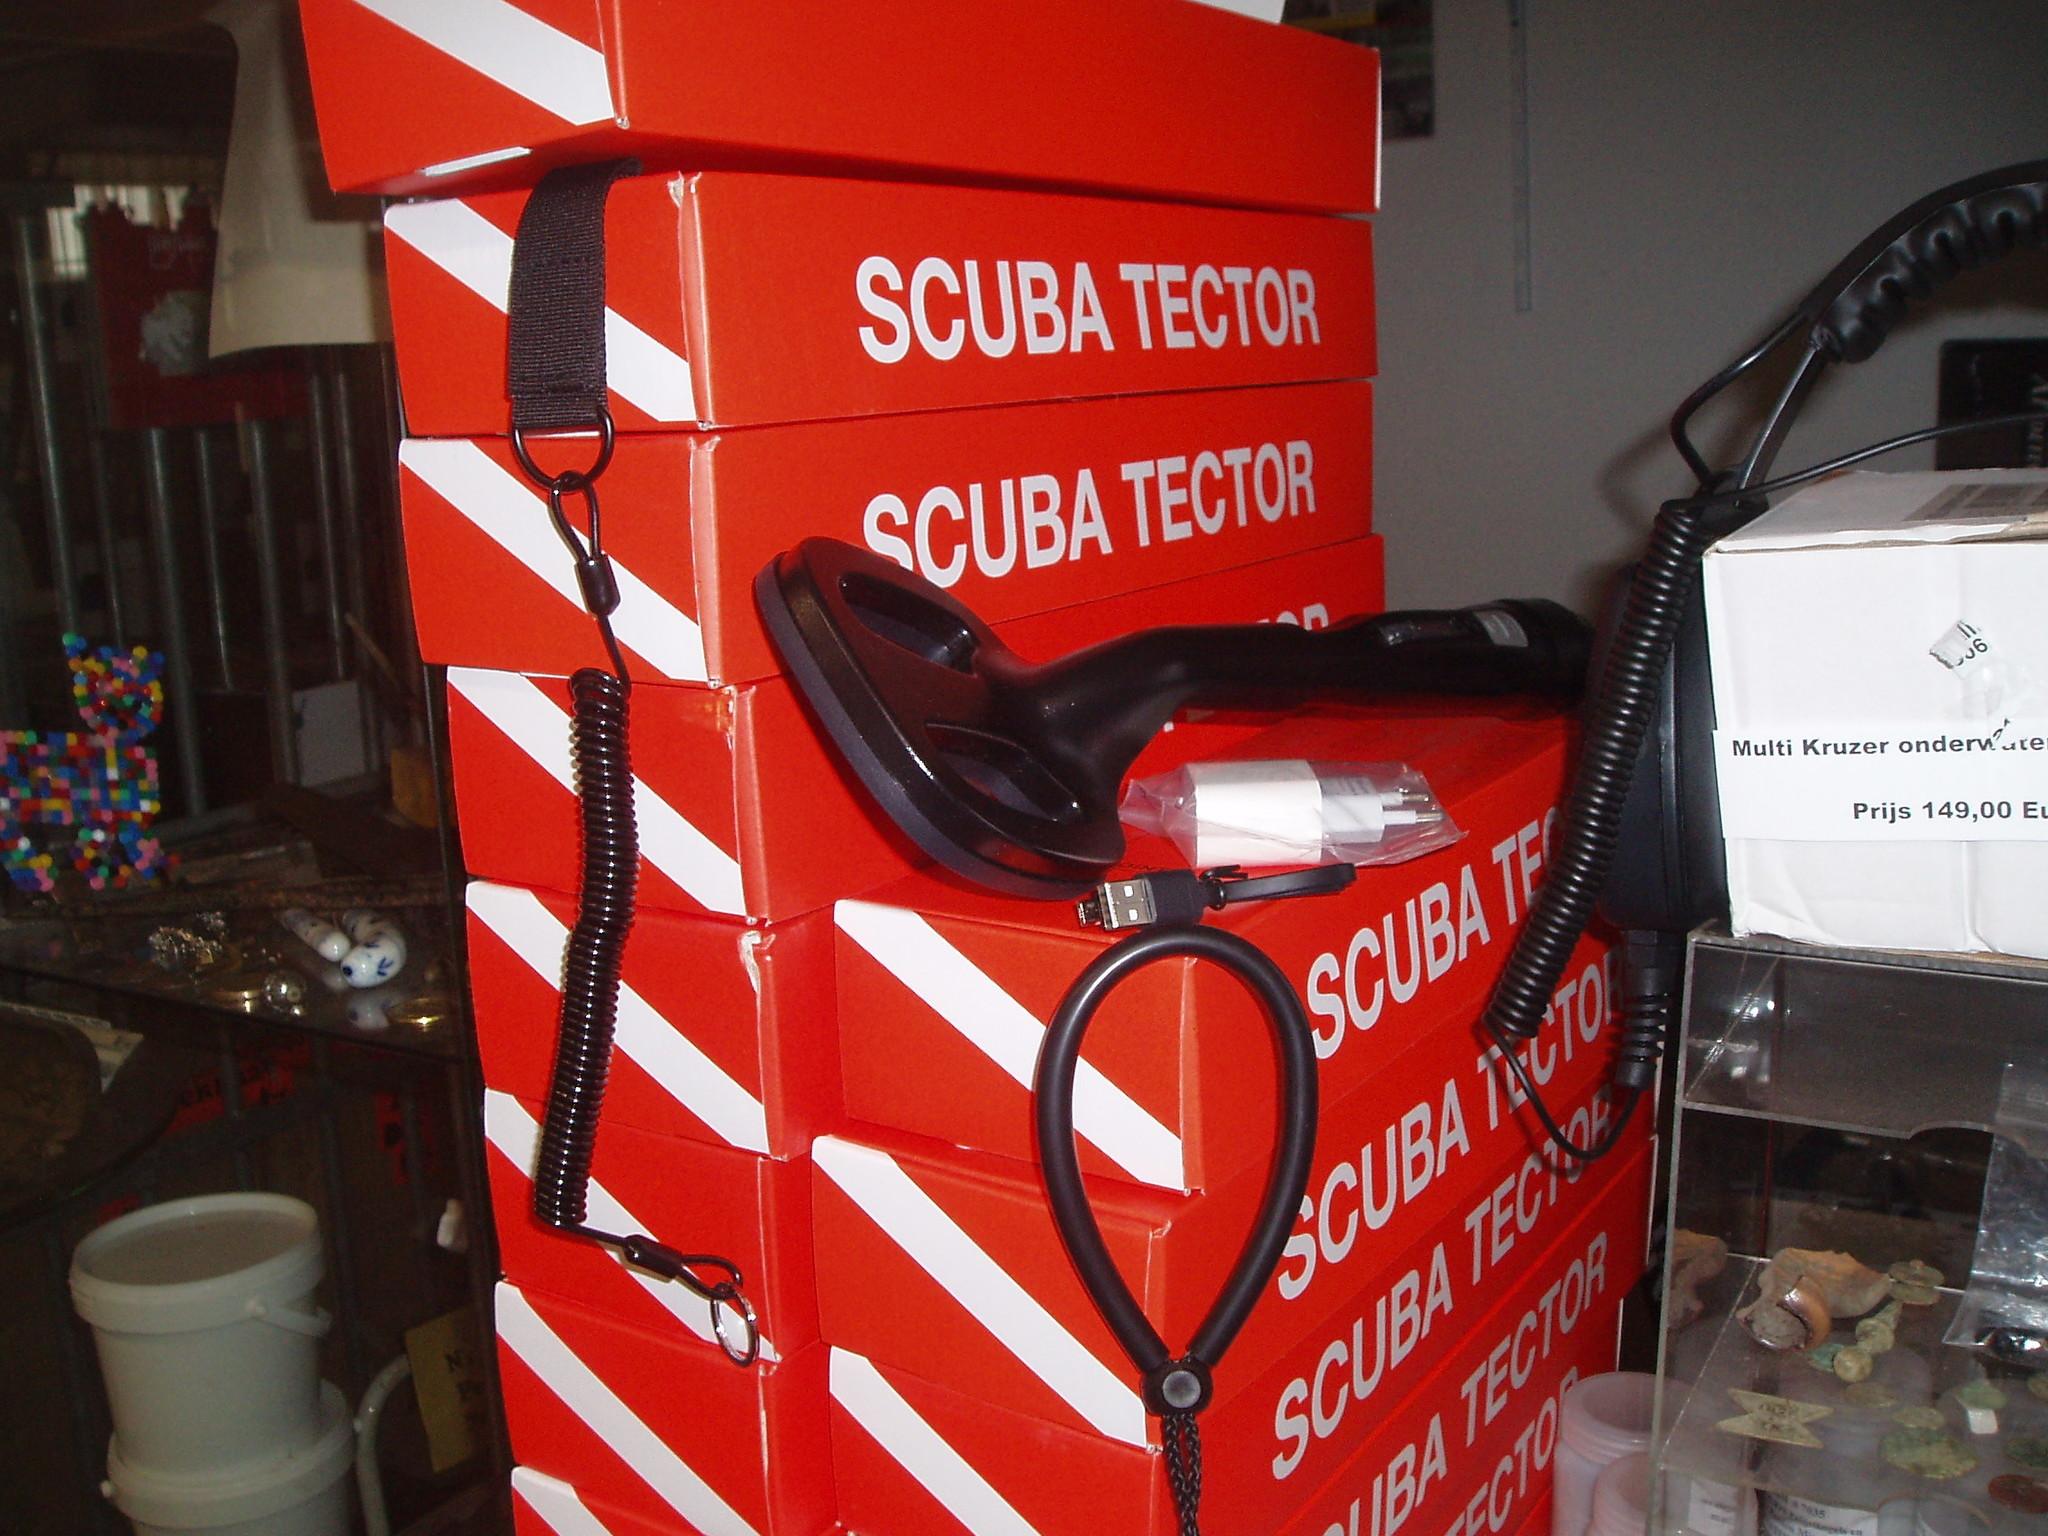 Deteknix Scuba Tector Snorkelen op vakantie 60 meter waterdicht - Copy